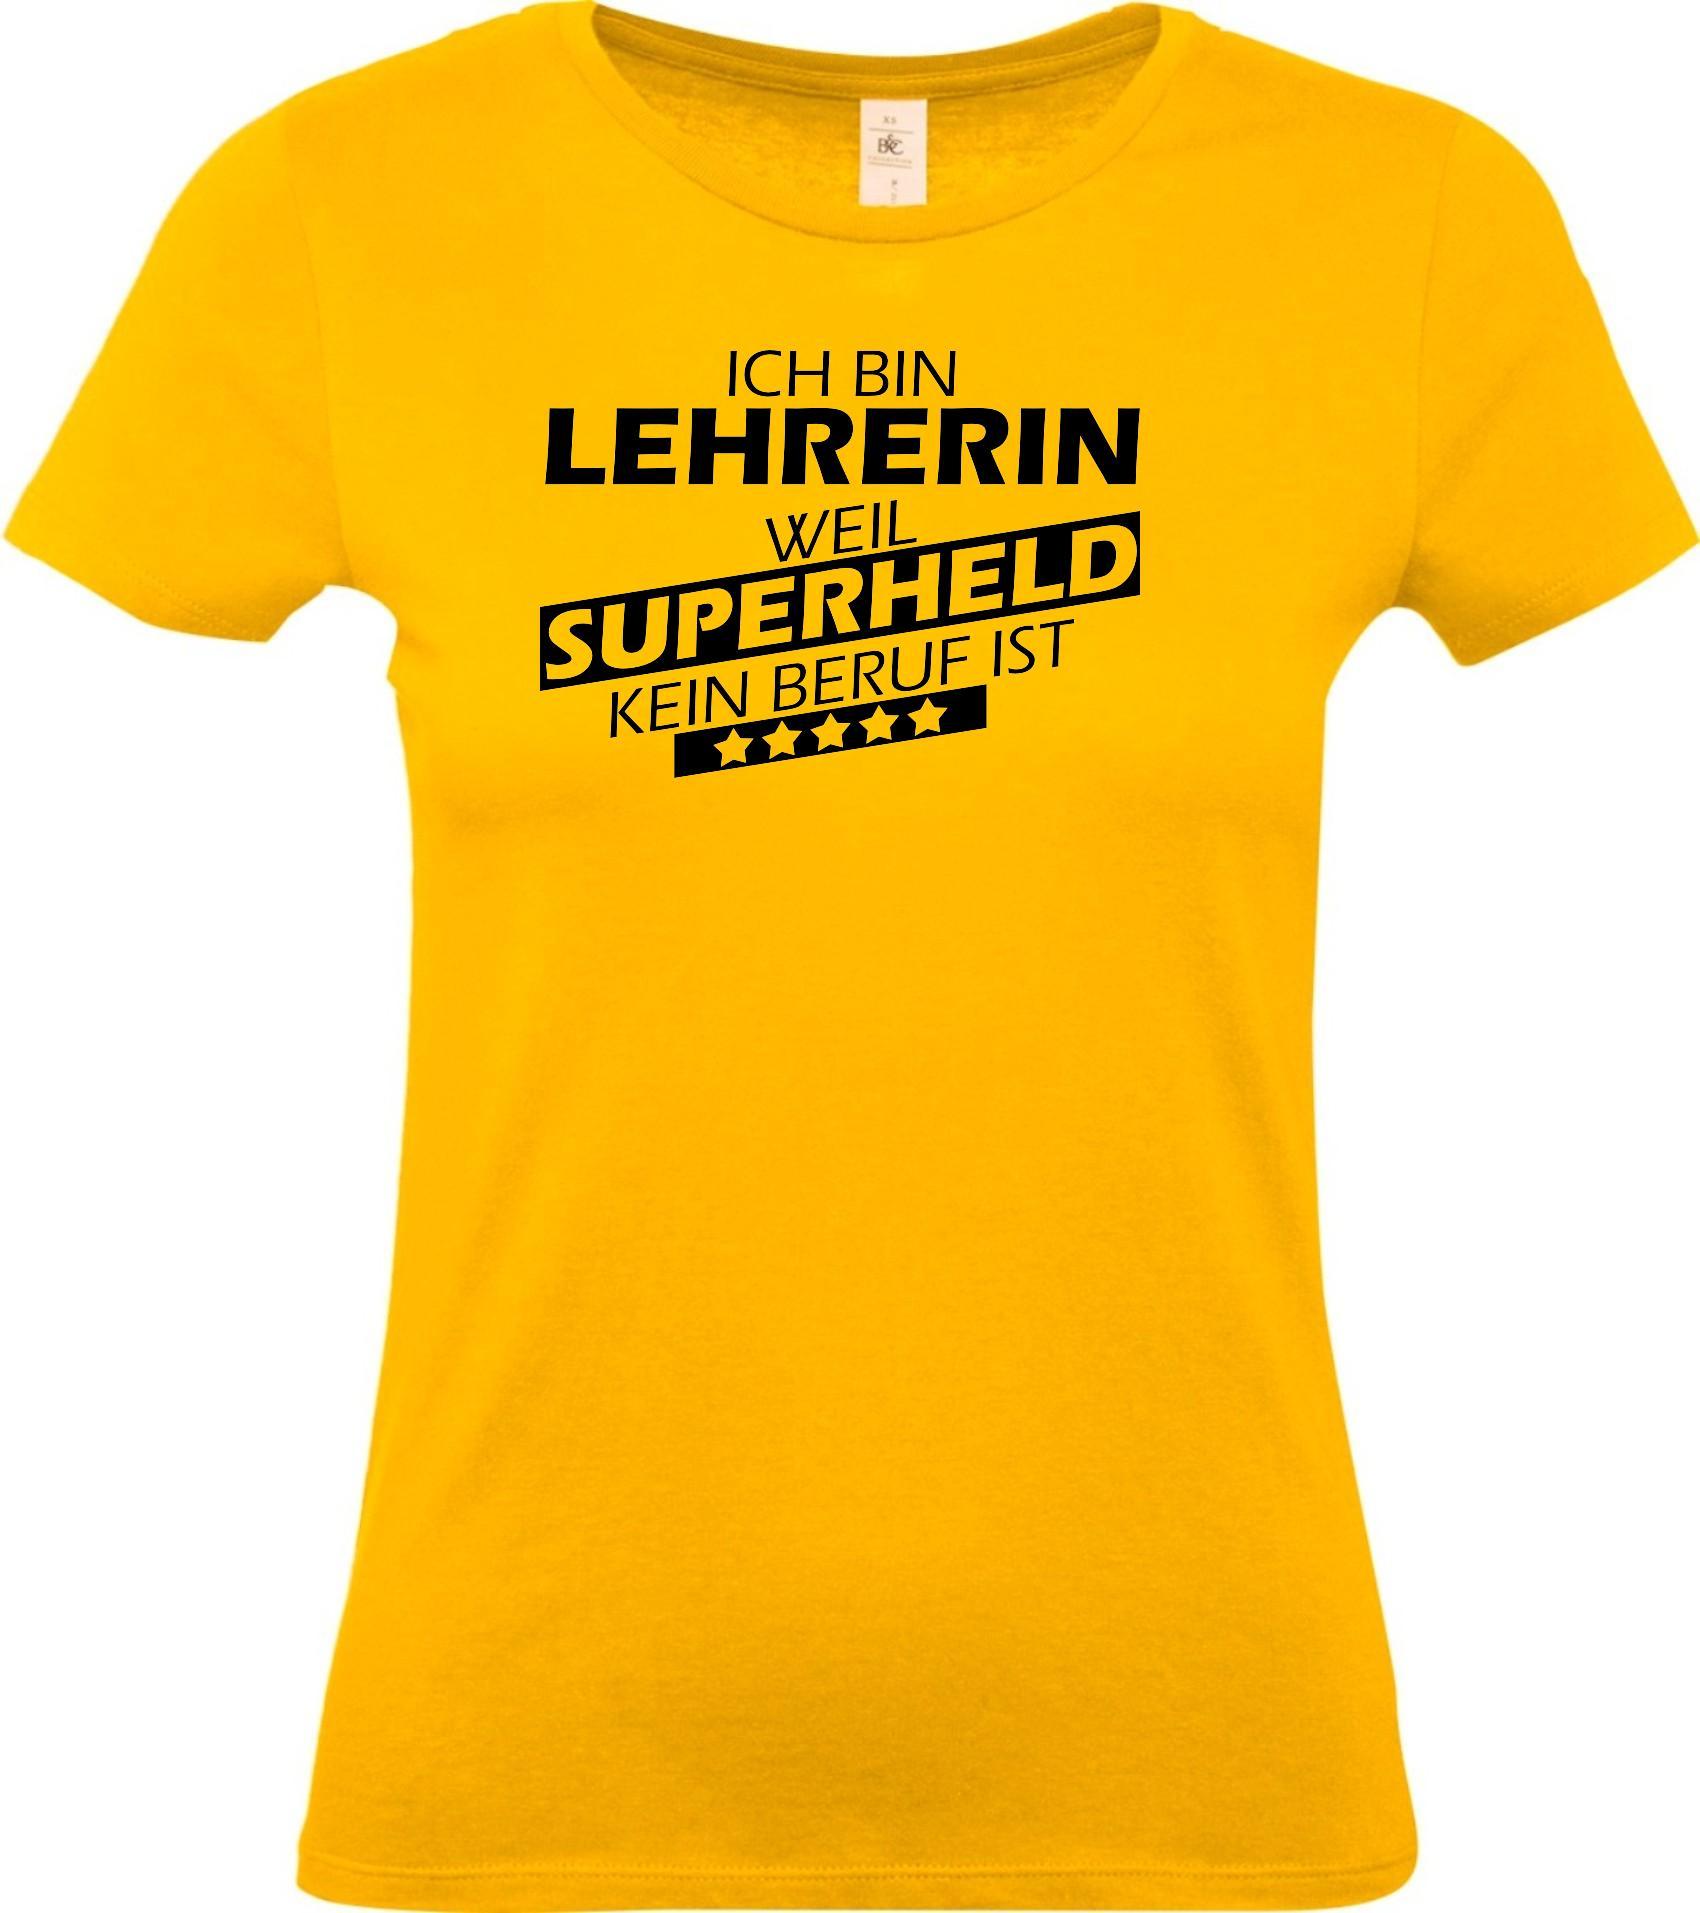 Lady-T-Shirt-Ich-bin-Lehrerin-weil-Superheld-kein-Beruf-ist